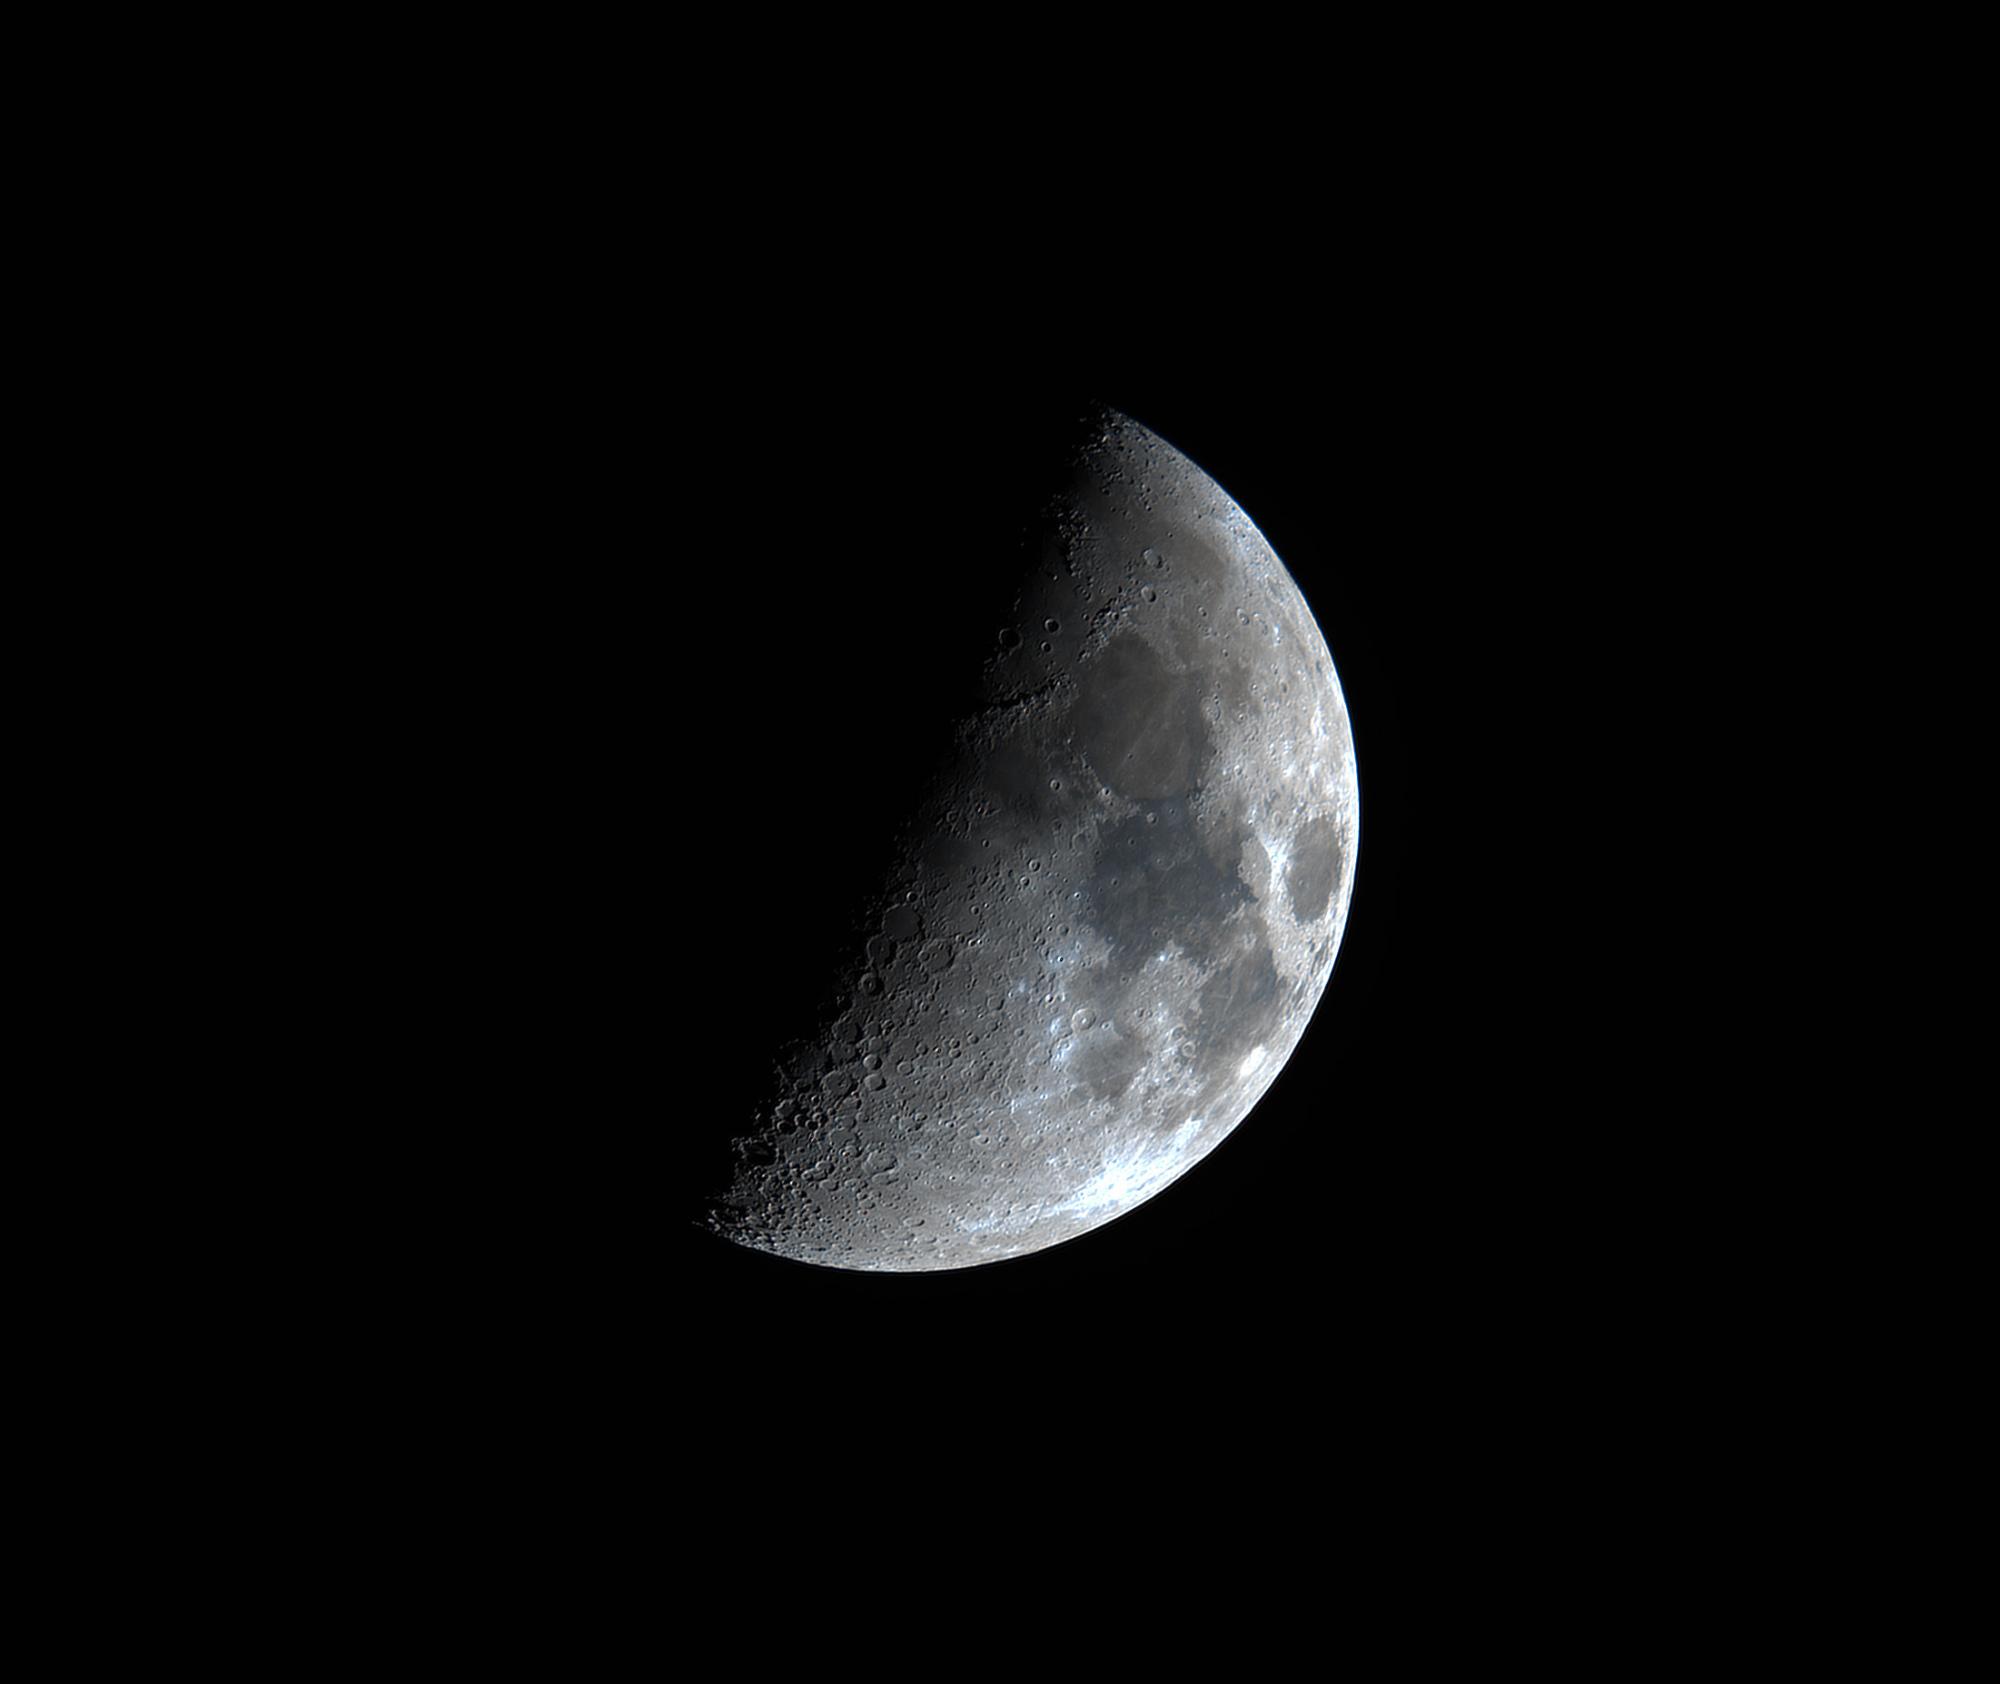 Lune-2-03-2020-jpg.jpg